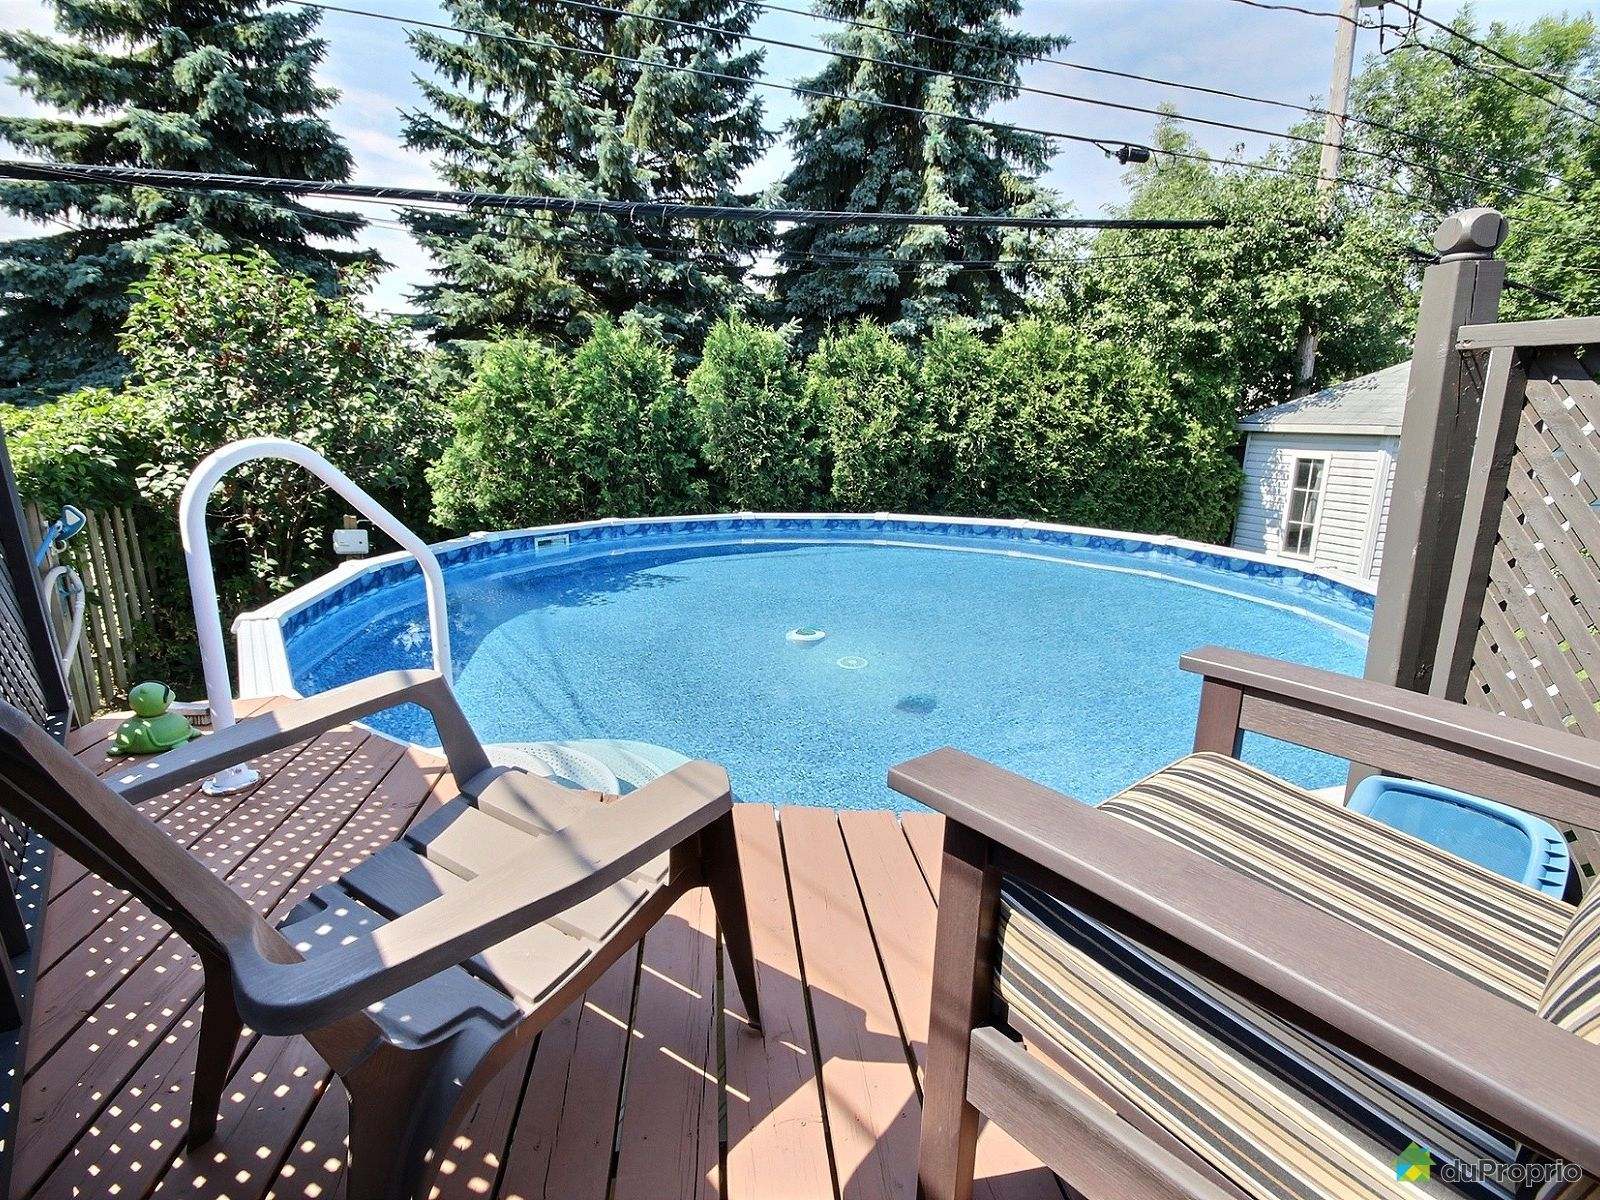 Maison vendre boucherville 1236 rue de jumi ges for Club piscine cabanon